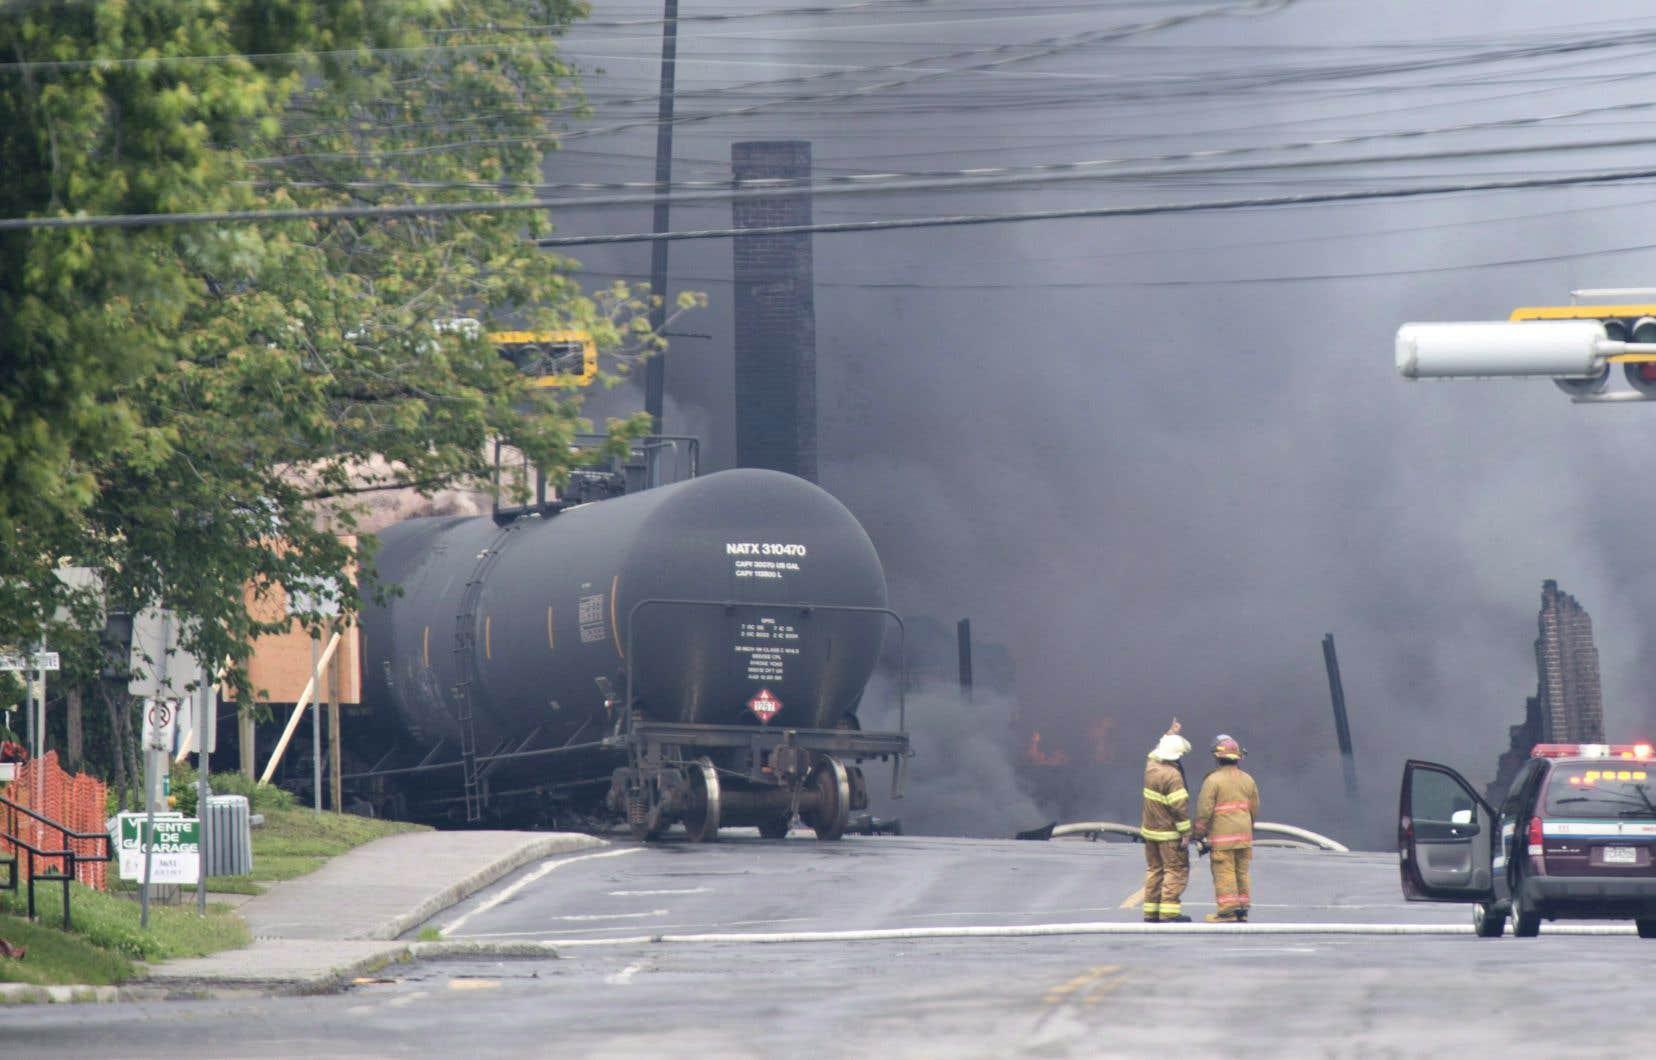 Le train a tragiquement dévalé une côte au milieu de la nuit, déraillant et enflammant une partie du centre-ville de Lac-Mégantic, tuant 47 personnes.